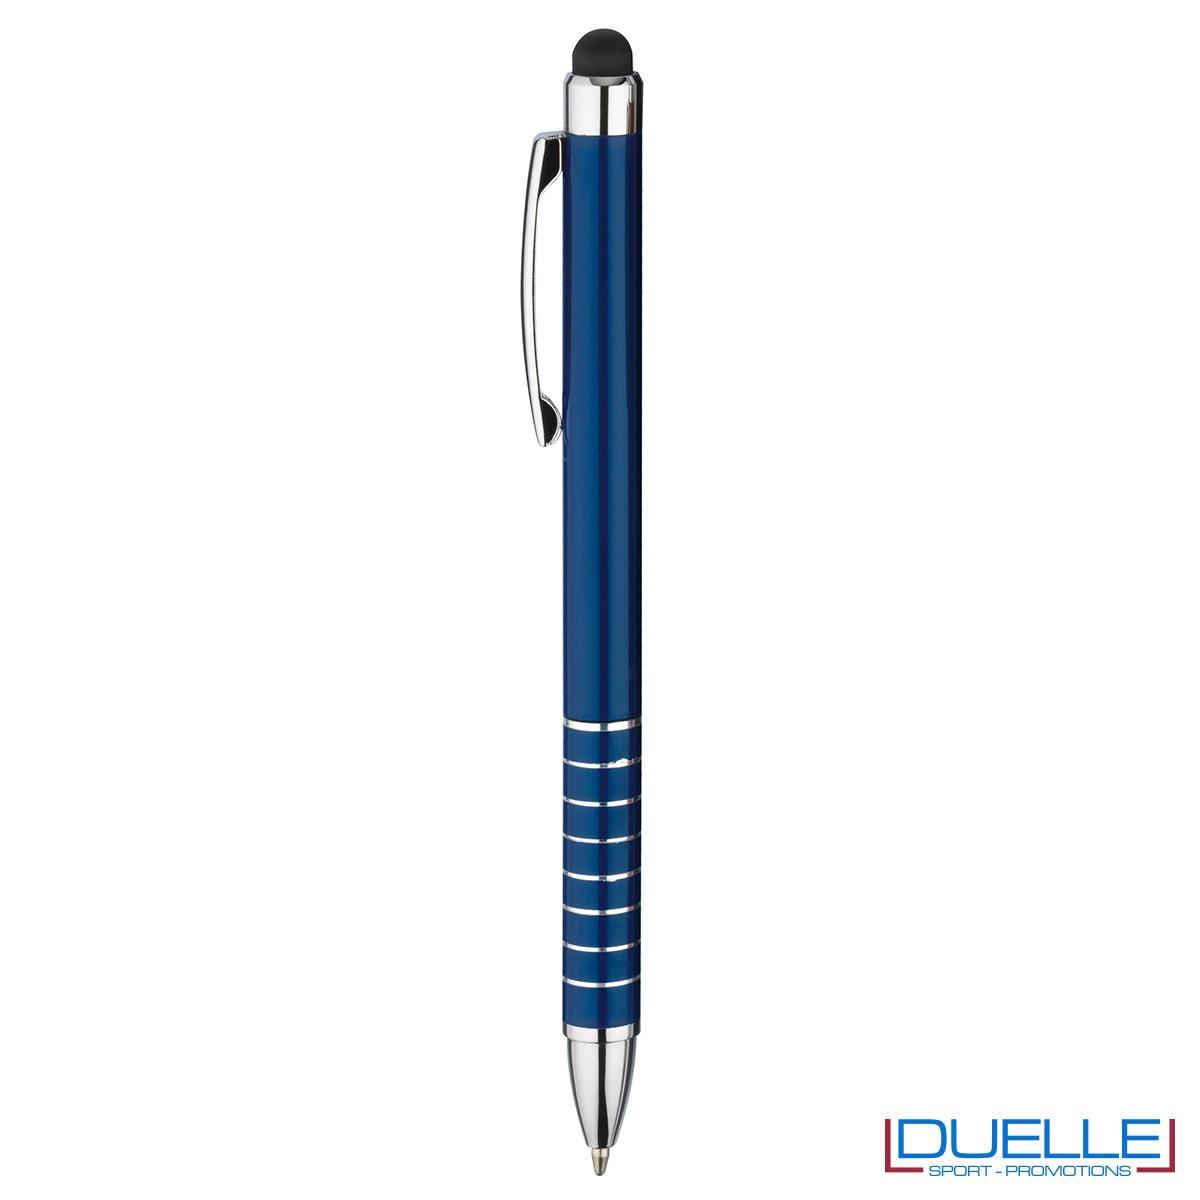 penna touch screen personalizzata in alluminio laccato blu, gadget aziendali personalizzati